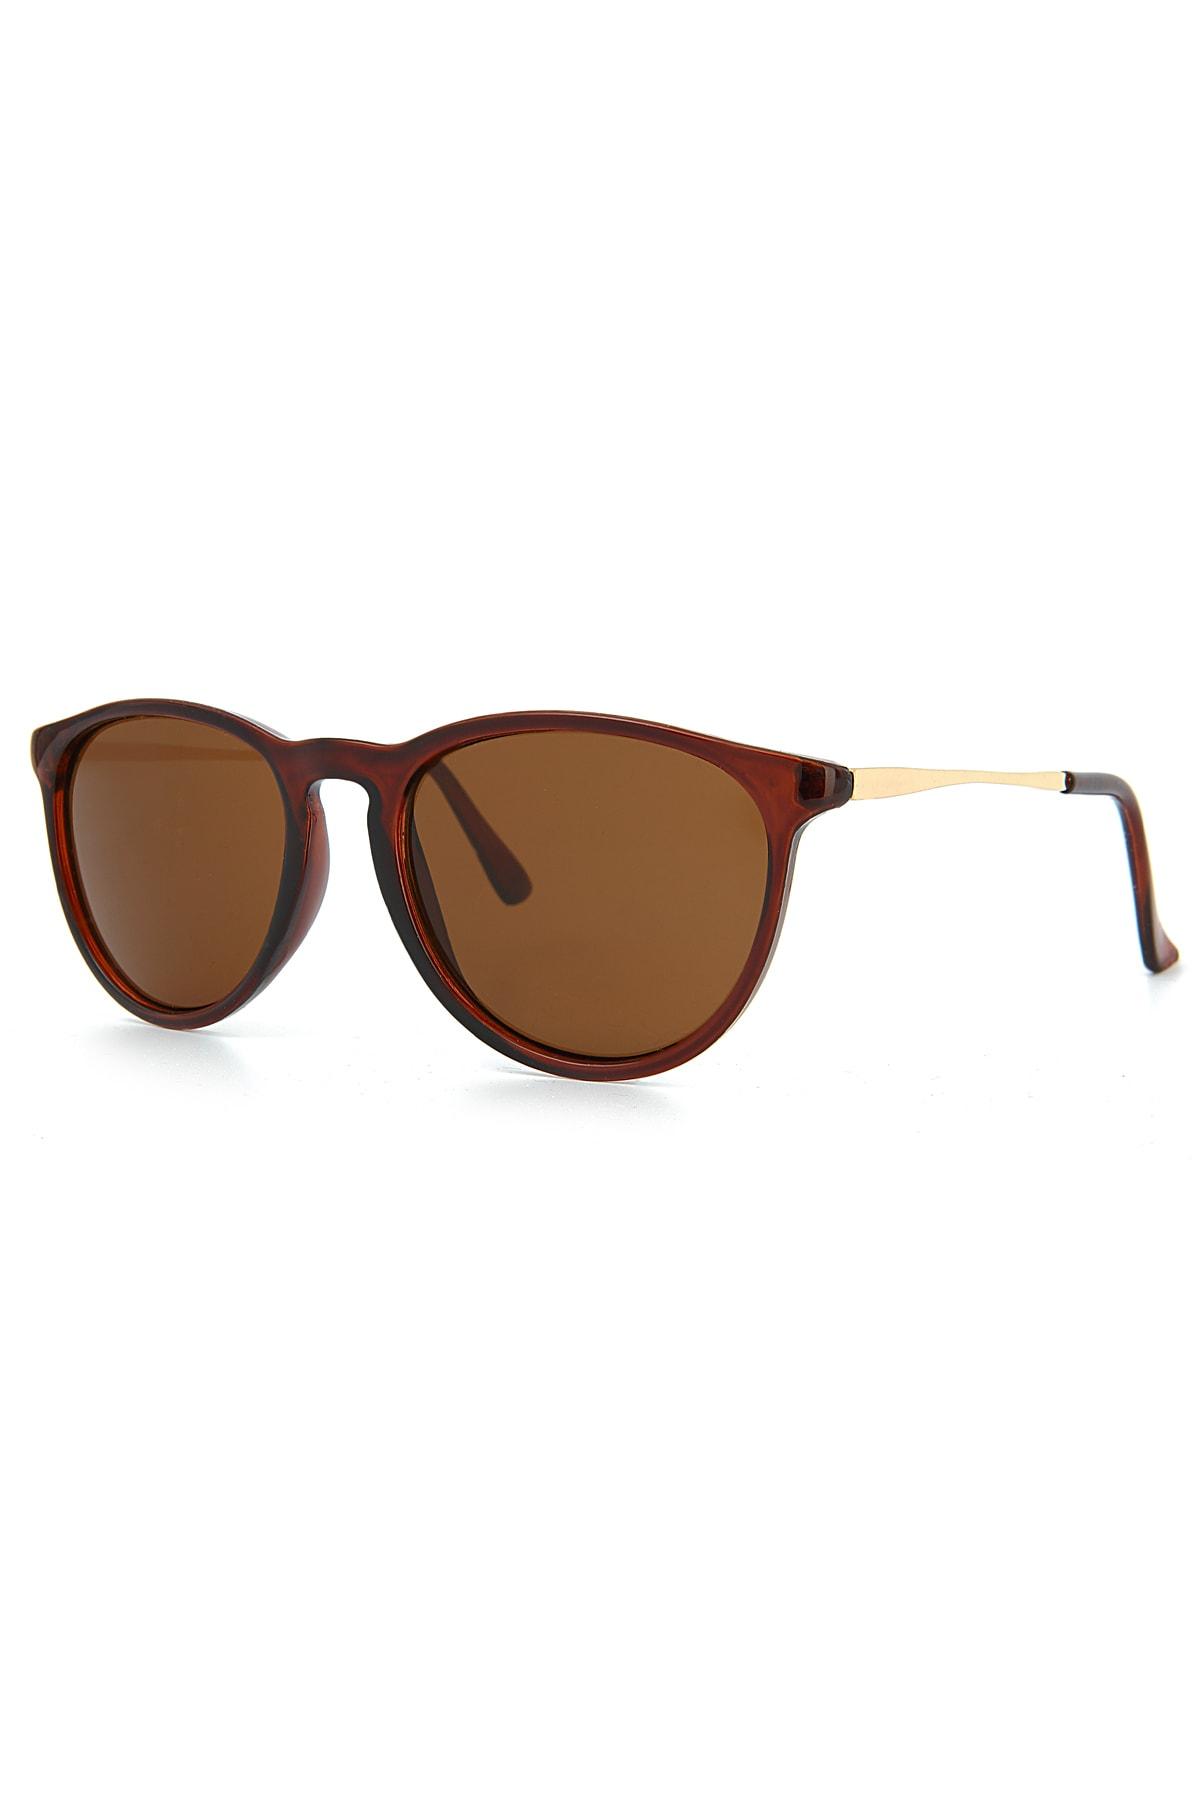 عینک آفتابی زنانه فروشگاه اینترنتی برند Aqua Di Polo 1987 رنگ قهوه ای کد ty100500153